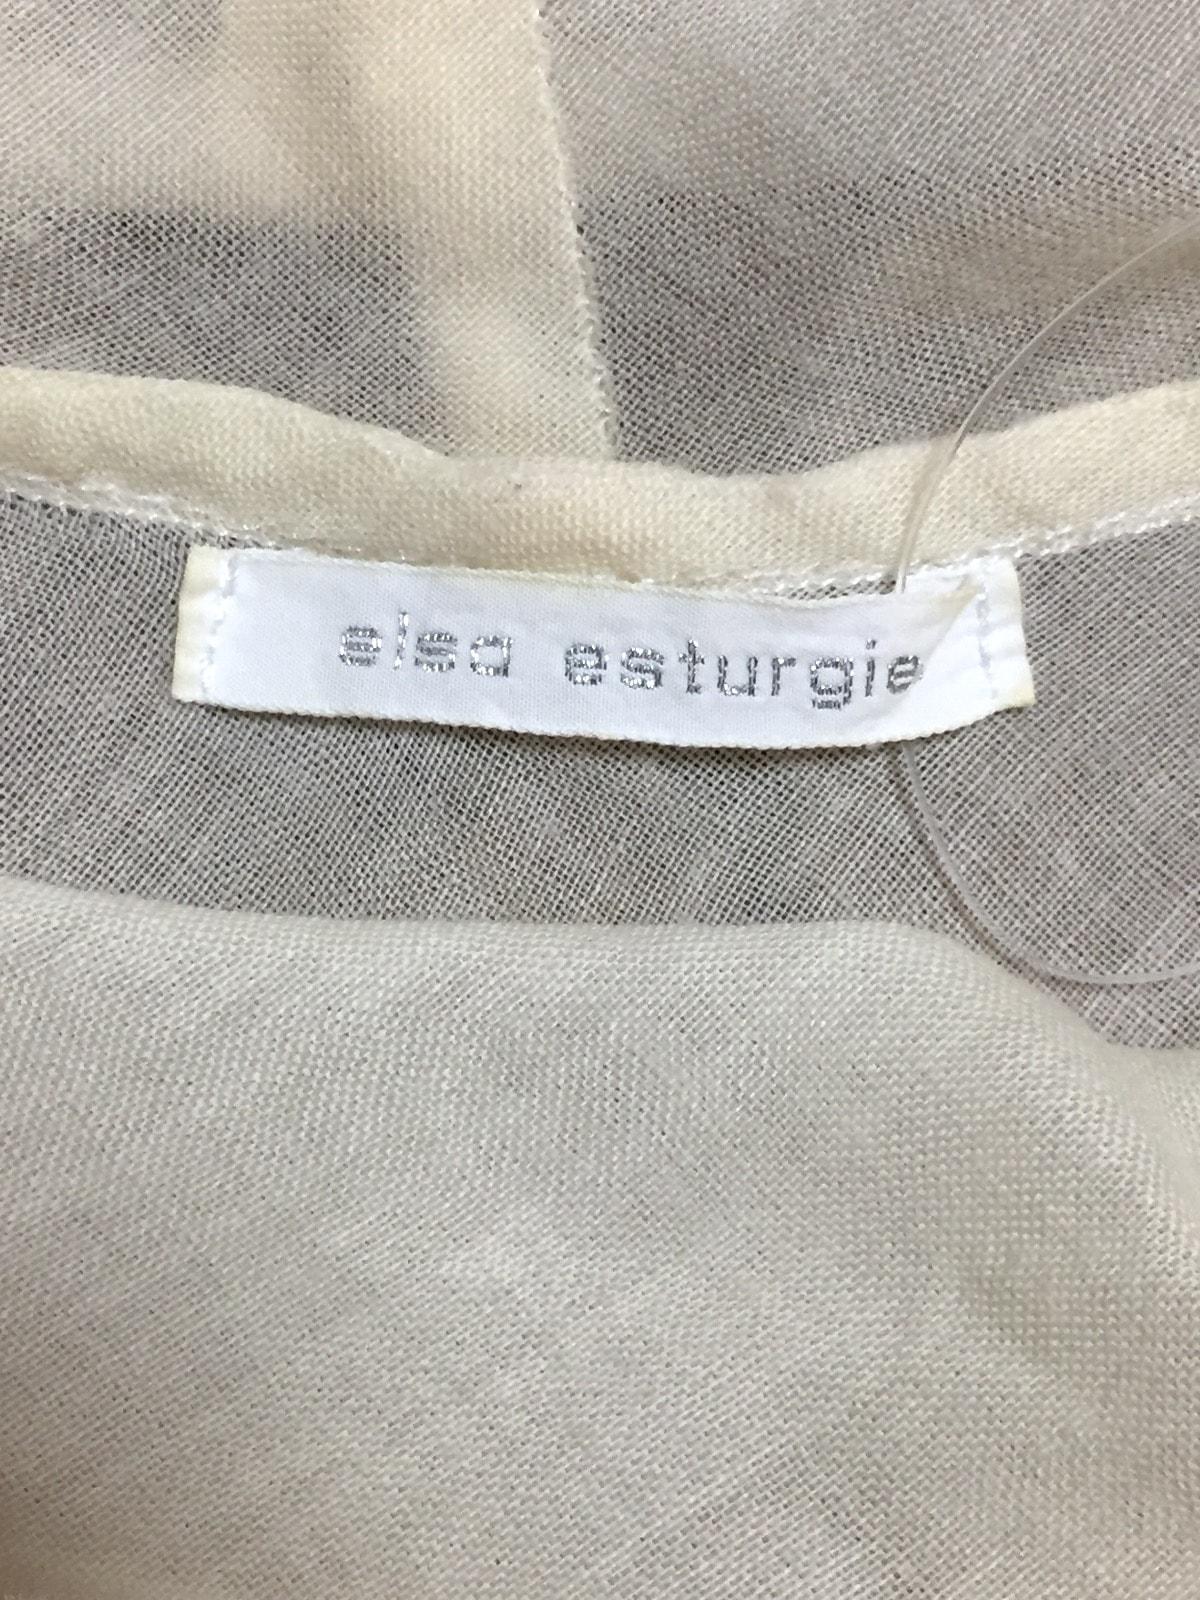 elsa esturgie(エルザエストロジー)のカットソー